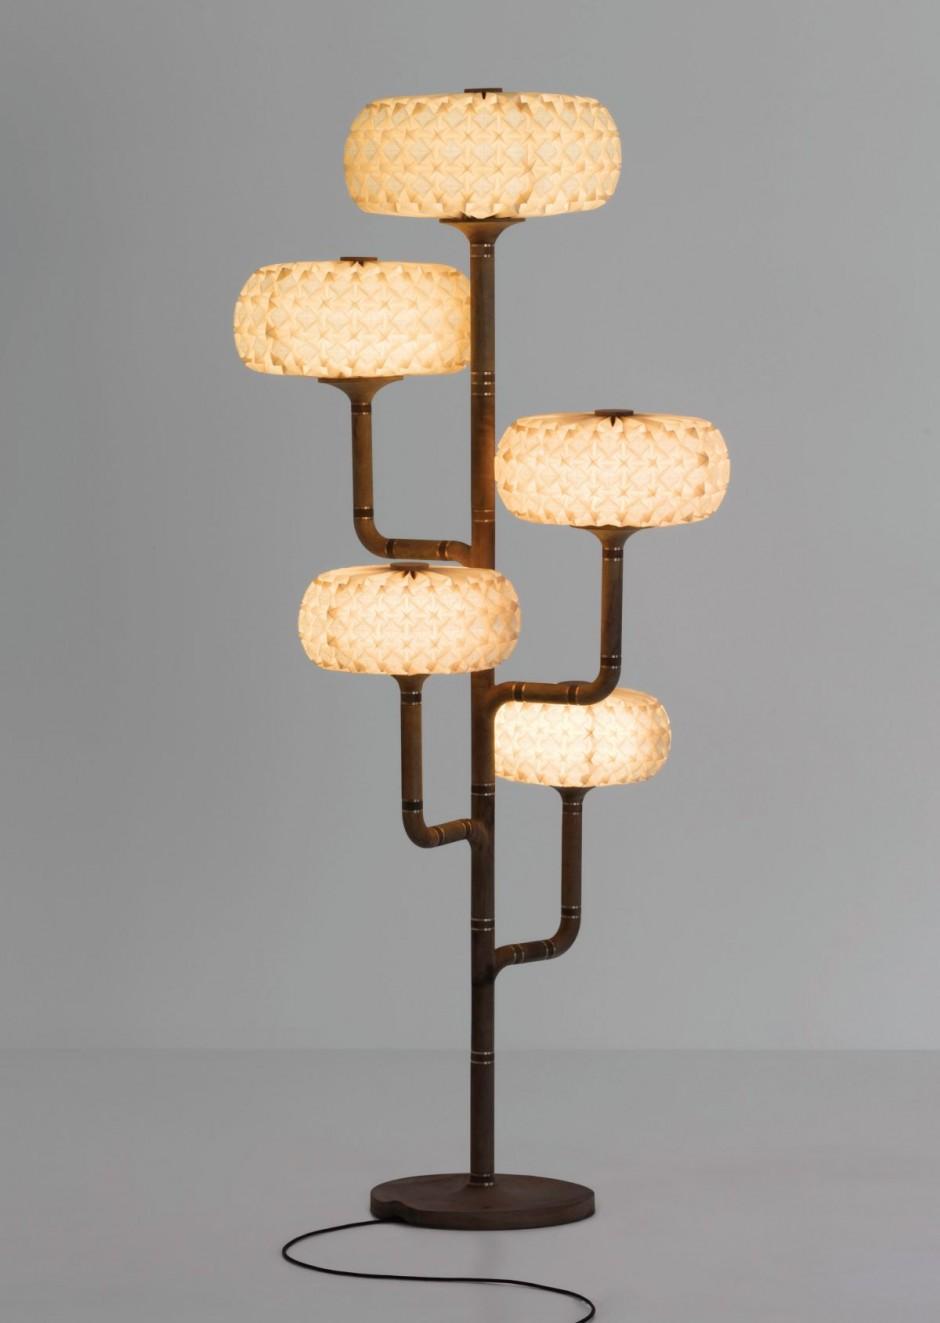 светильники дизайнерские